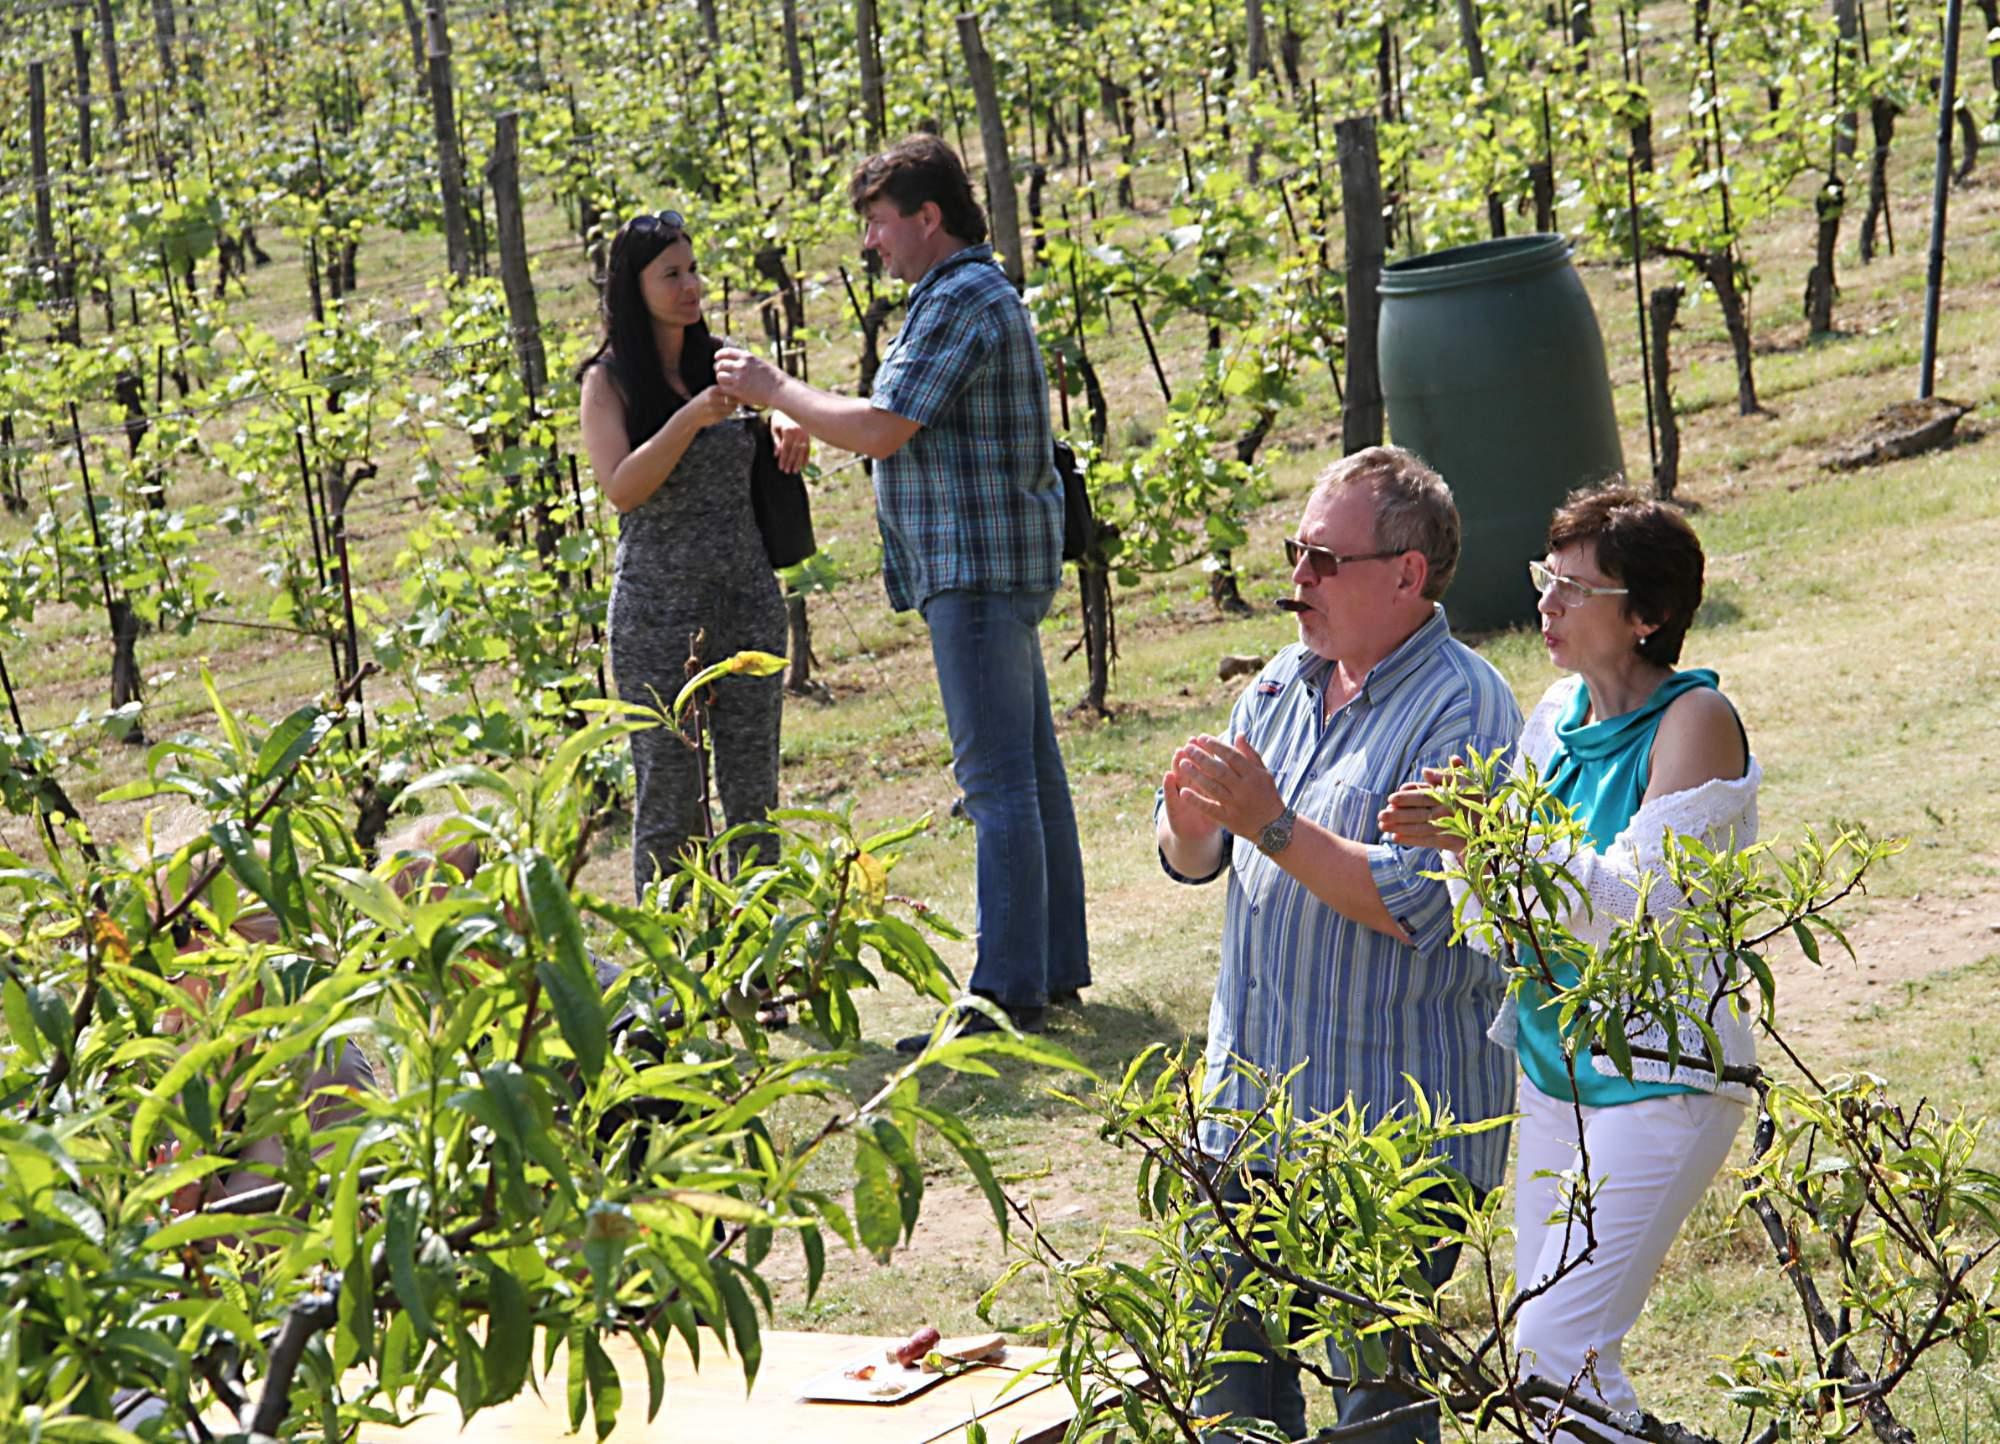 Ochutnávka vín uprostřed vinic, možnost ubytování